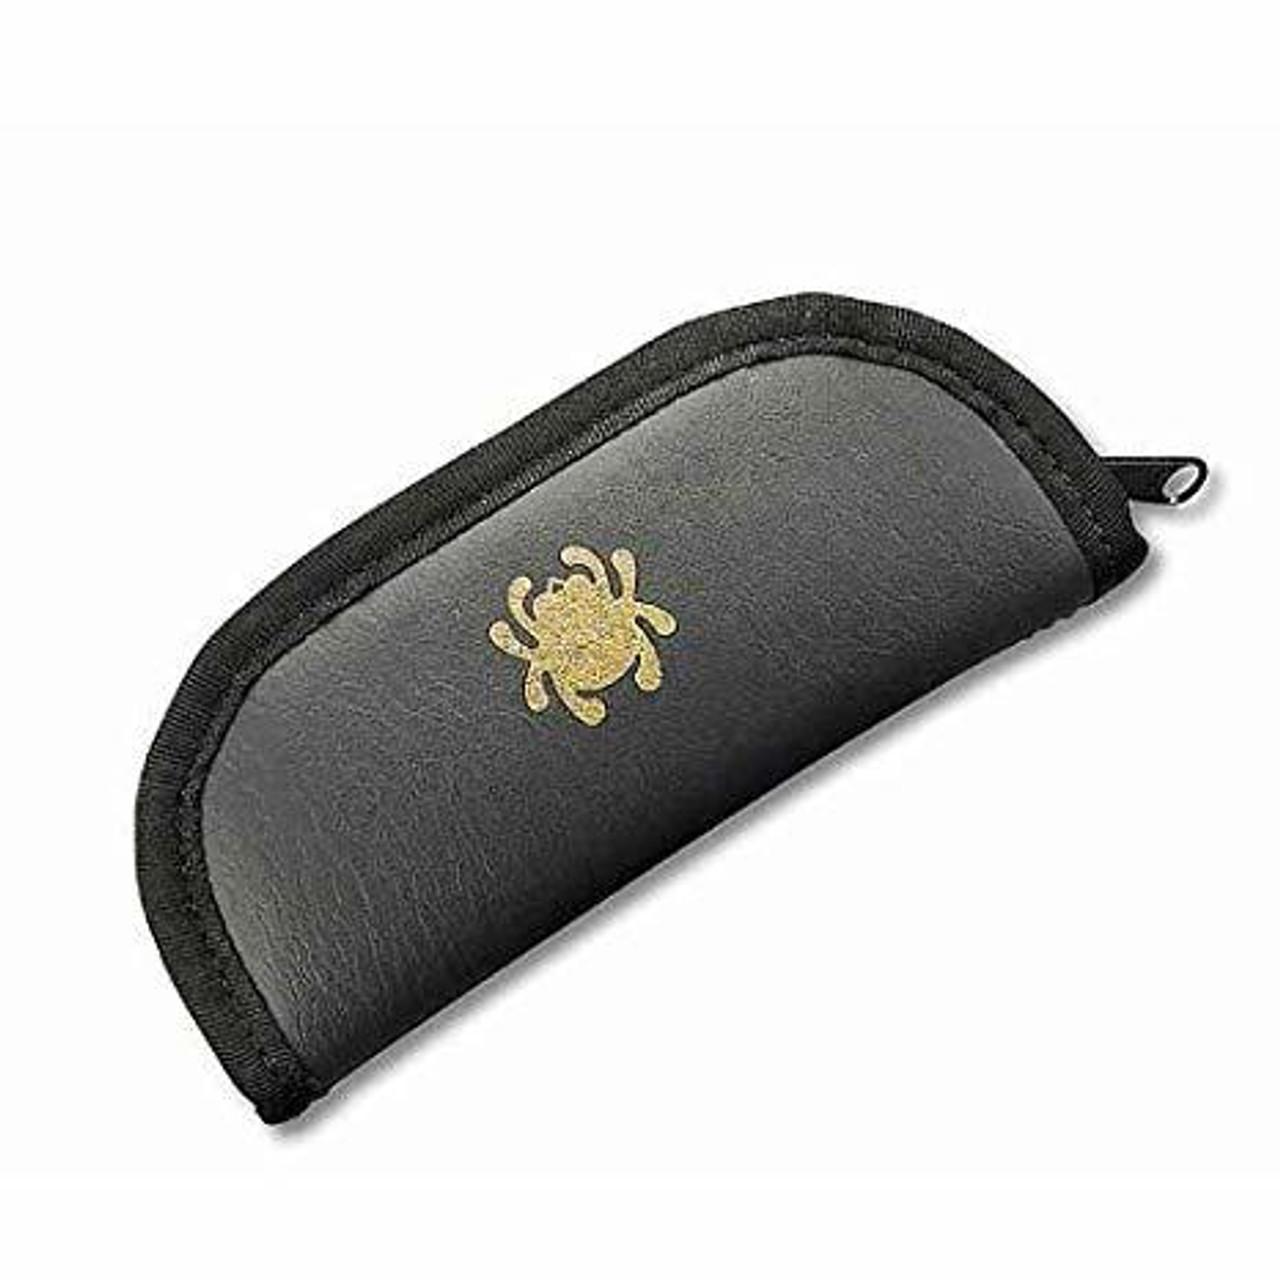 Spyderco Small Zipper Case (Single Knife)